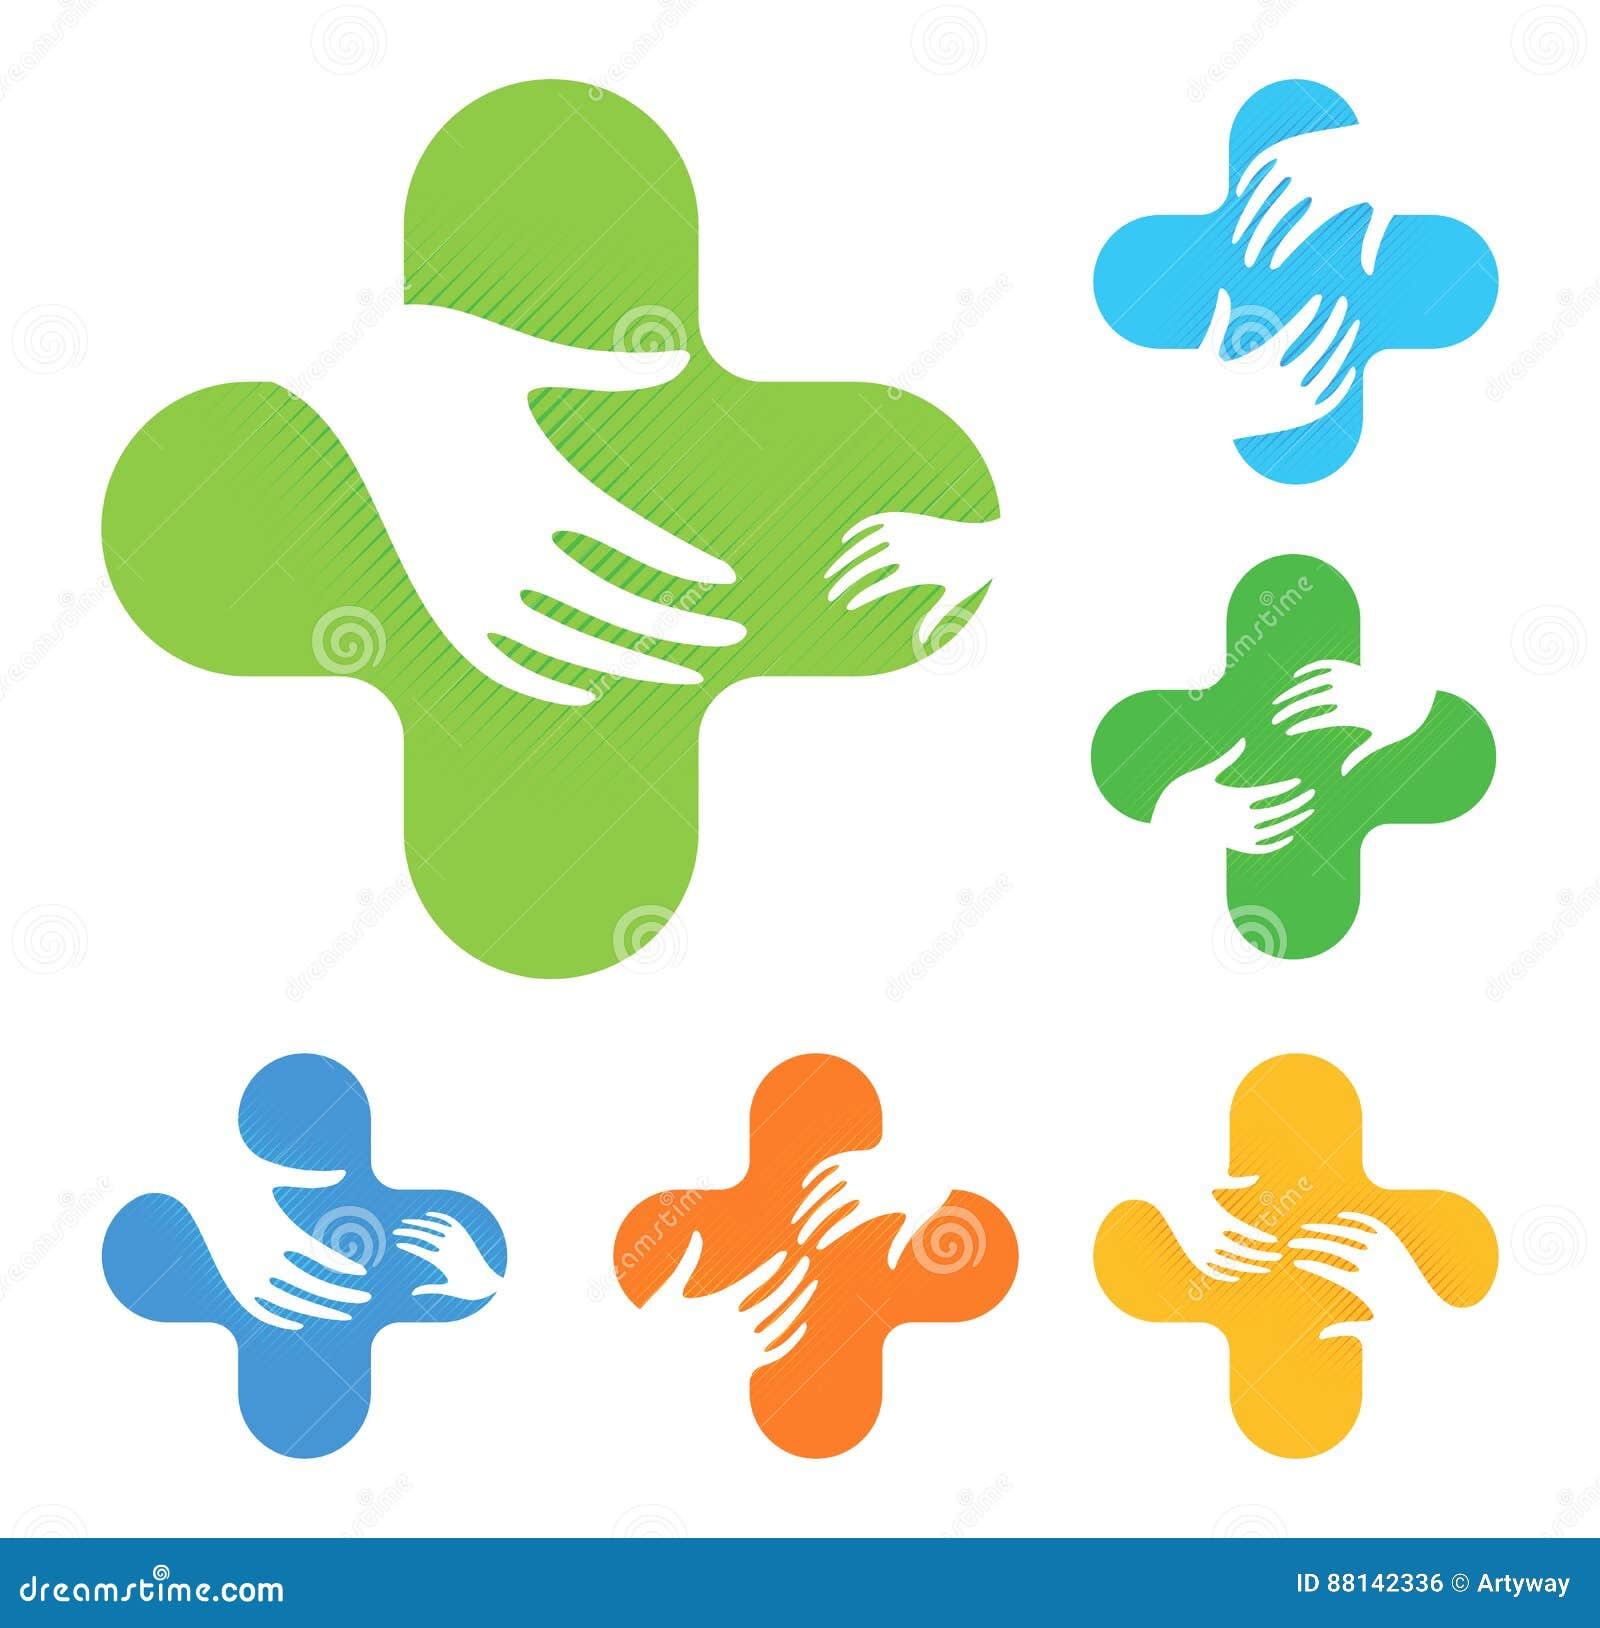 Απομονωμένος αφηρημένος ζωηρόχρωμος σταυρός με δύο χέρια που φθάνουν το ένα στο άλλο σύνολο λογότυπων, ιατρική συλλογή στοιχείων